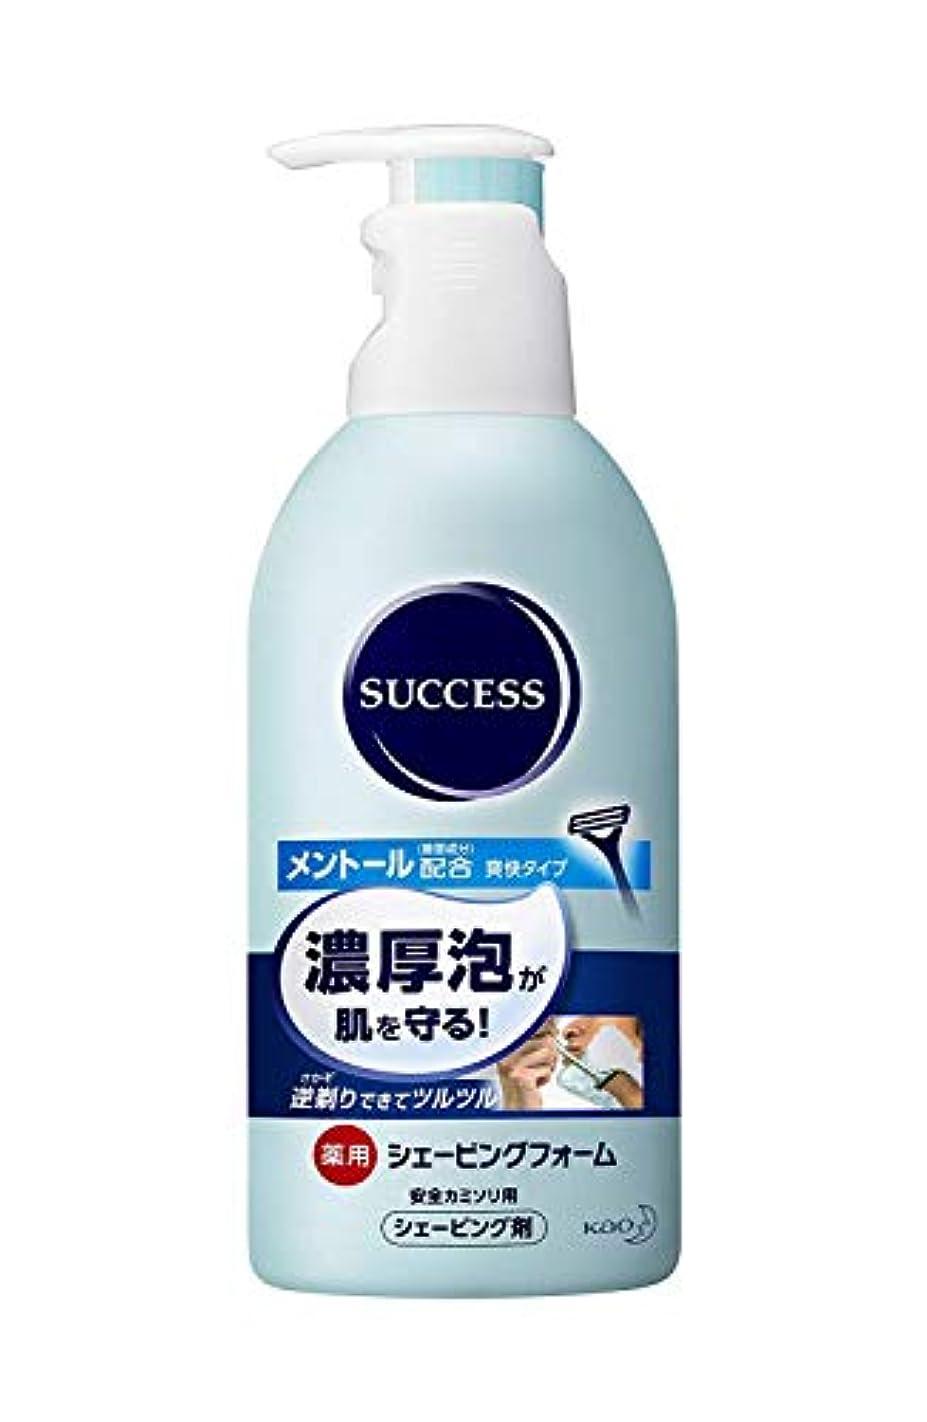 エスニックぬれた崩壊【花王】サクセス薬用シェービングフォーム 250g ×5個セット